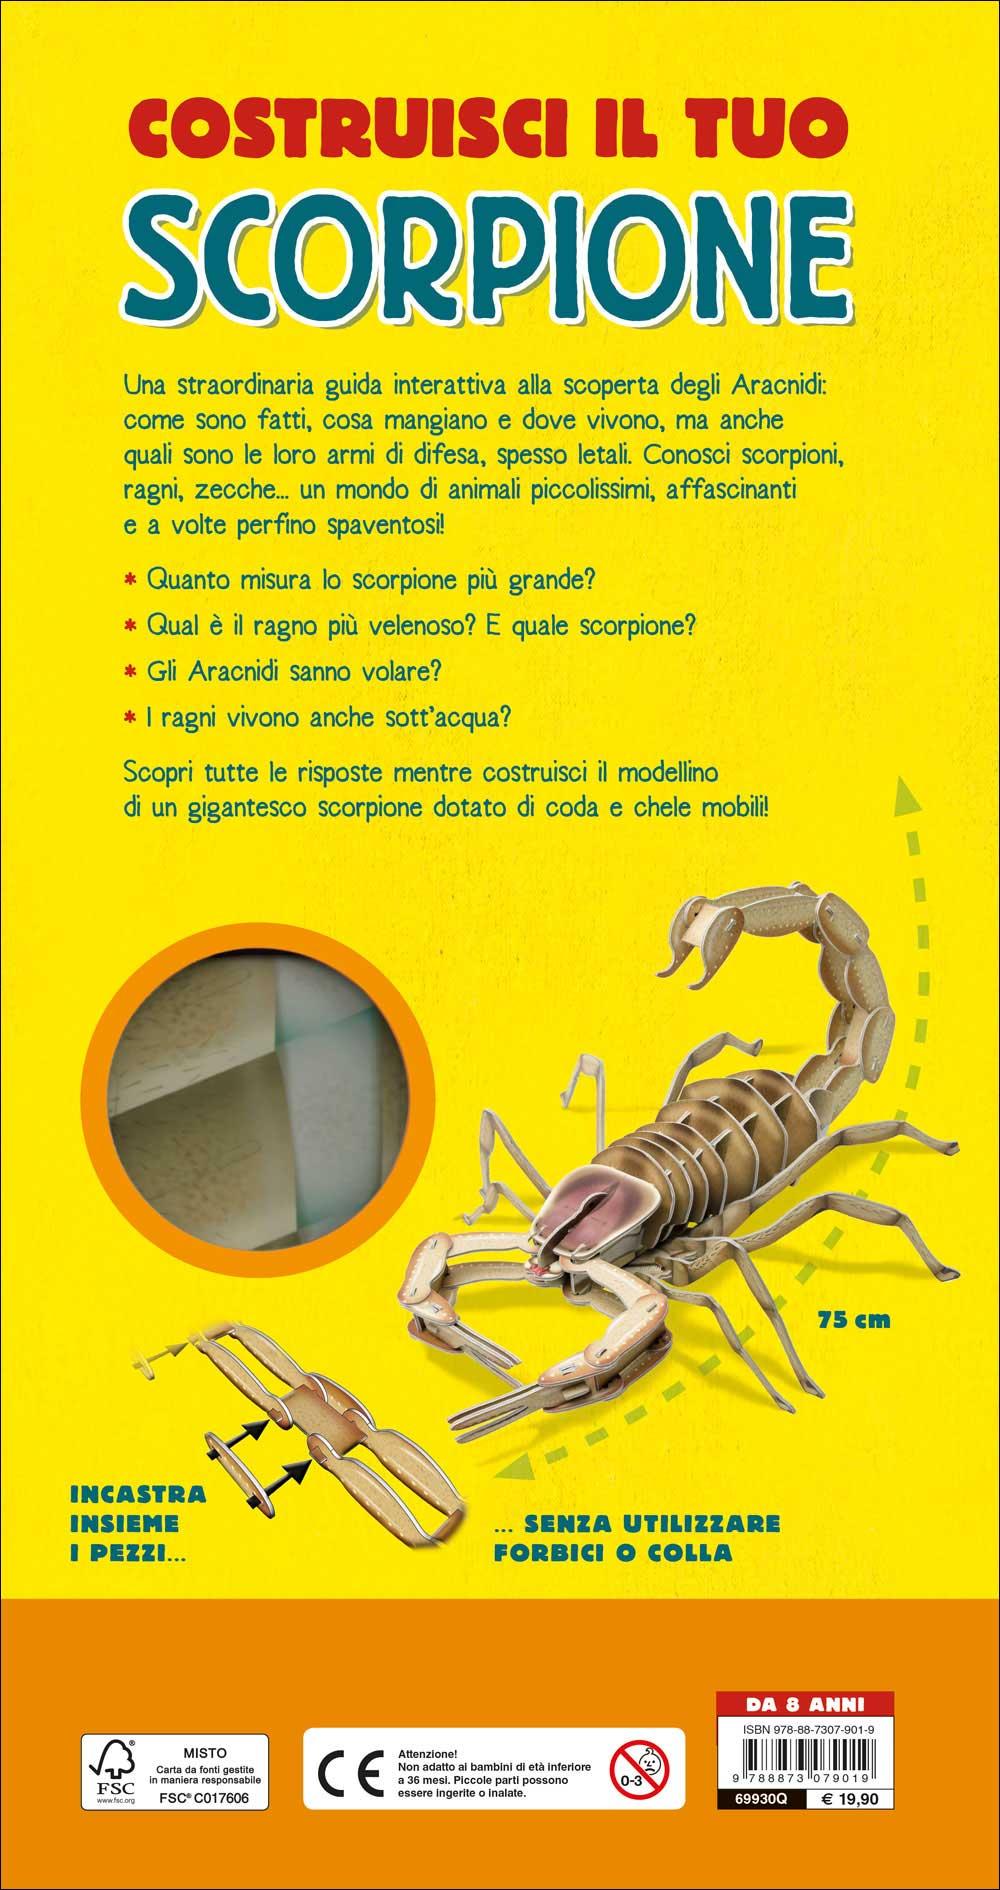 Costruisci il tuo scorpione e scopri il mondo degli aracnidi